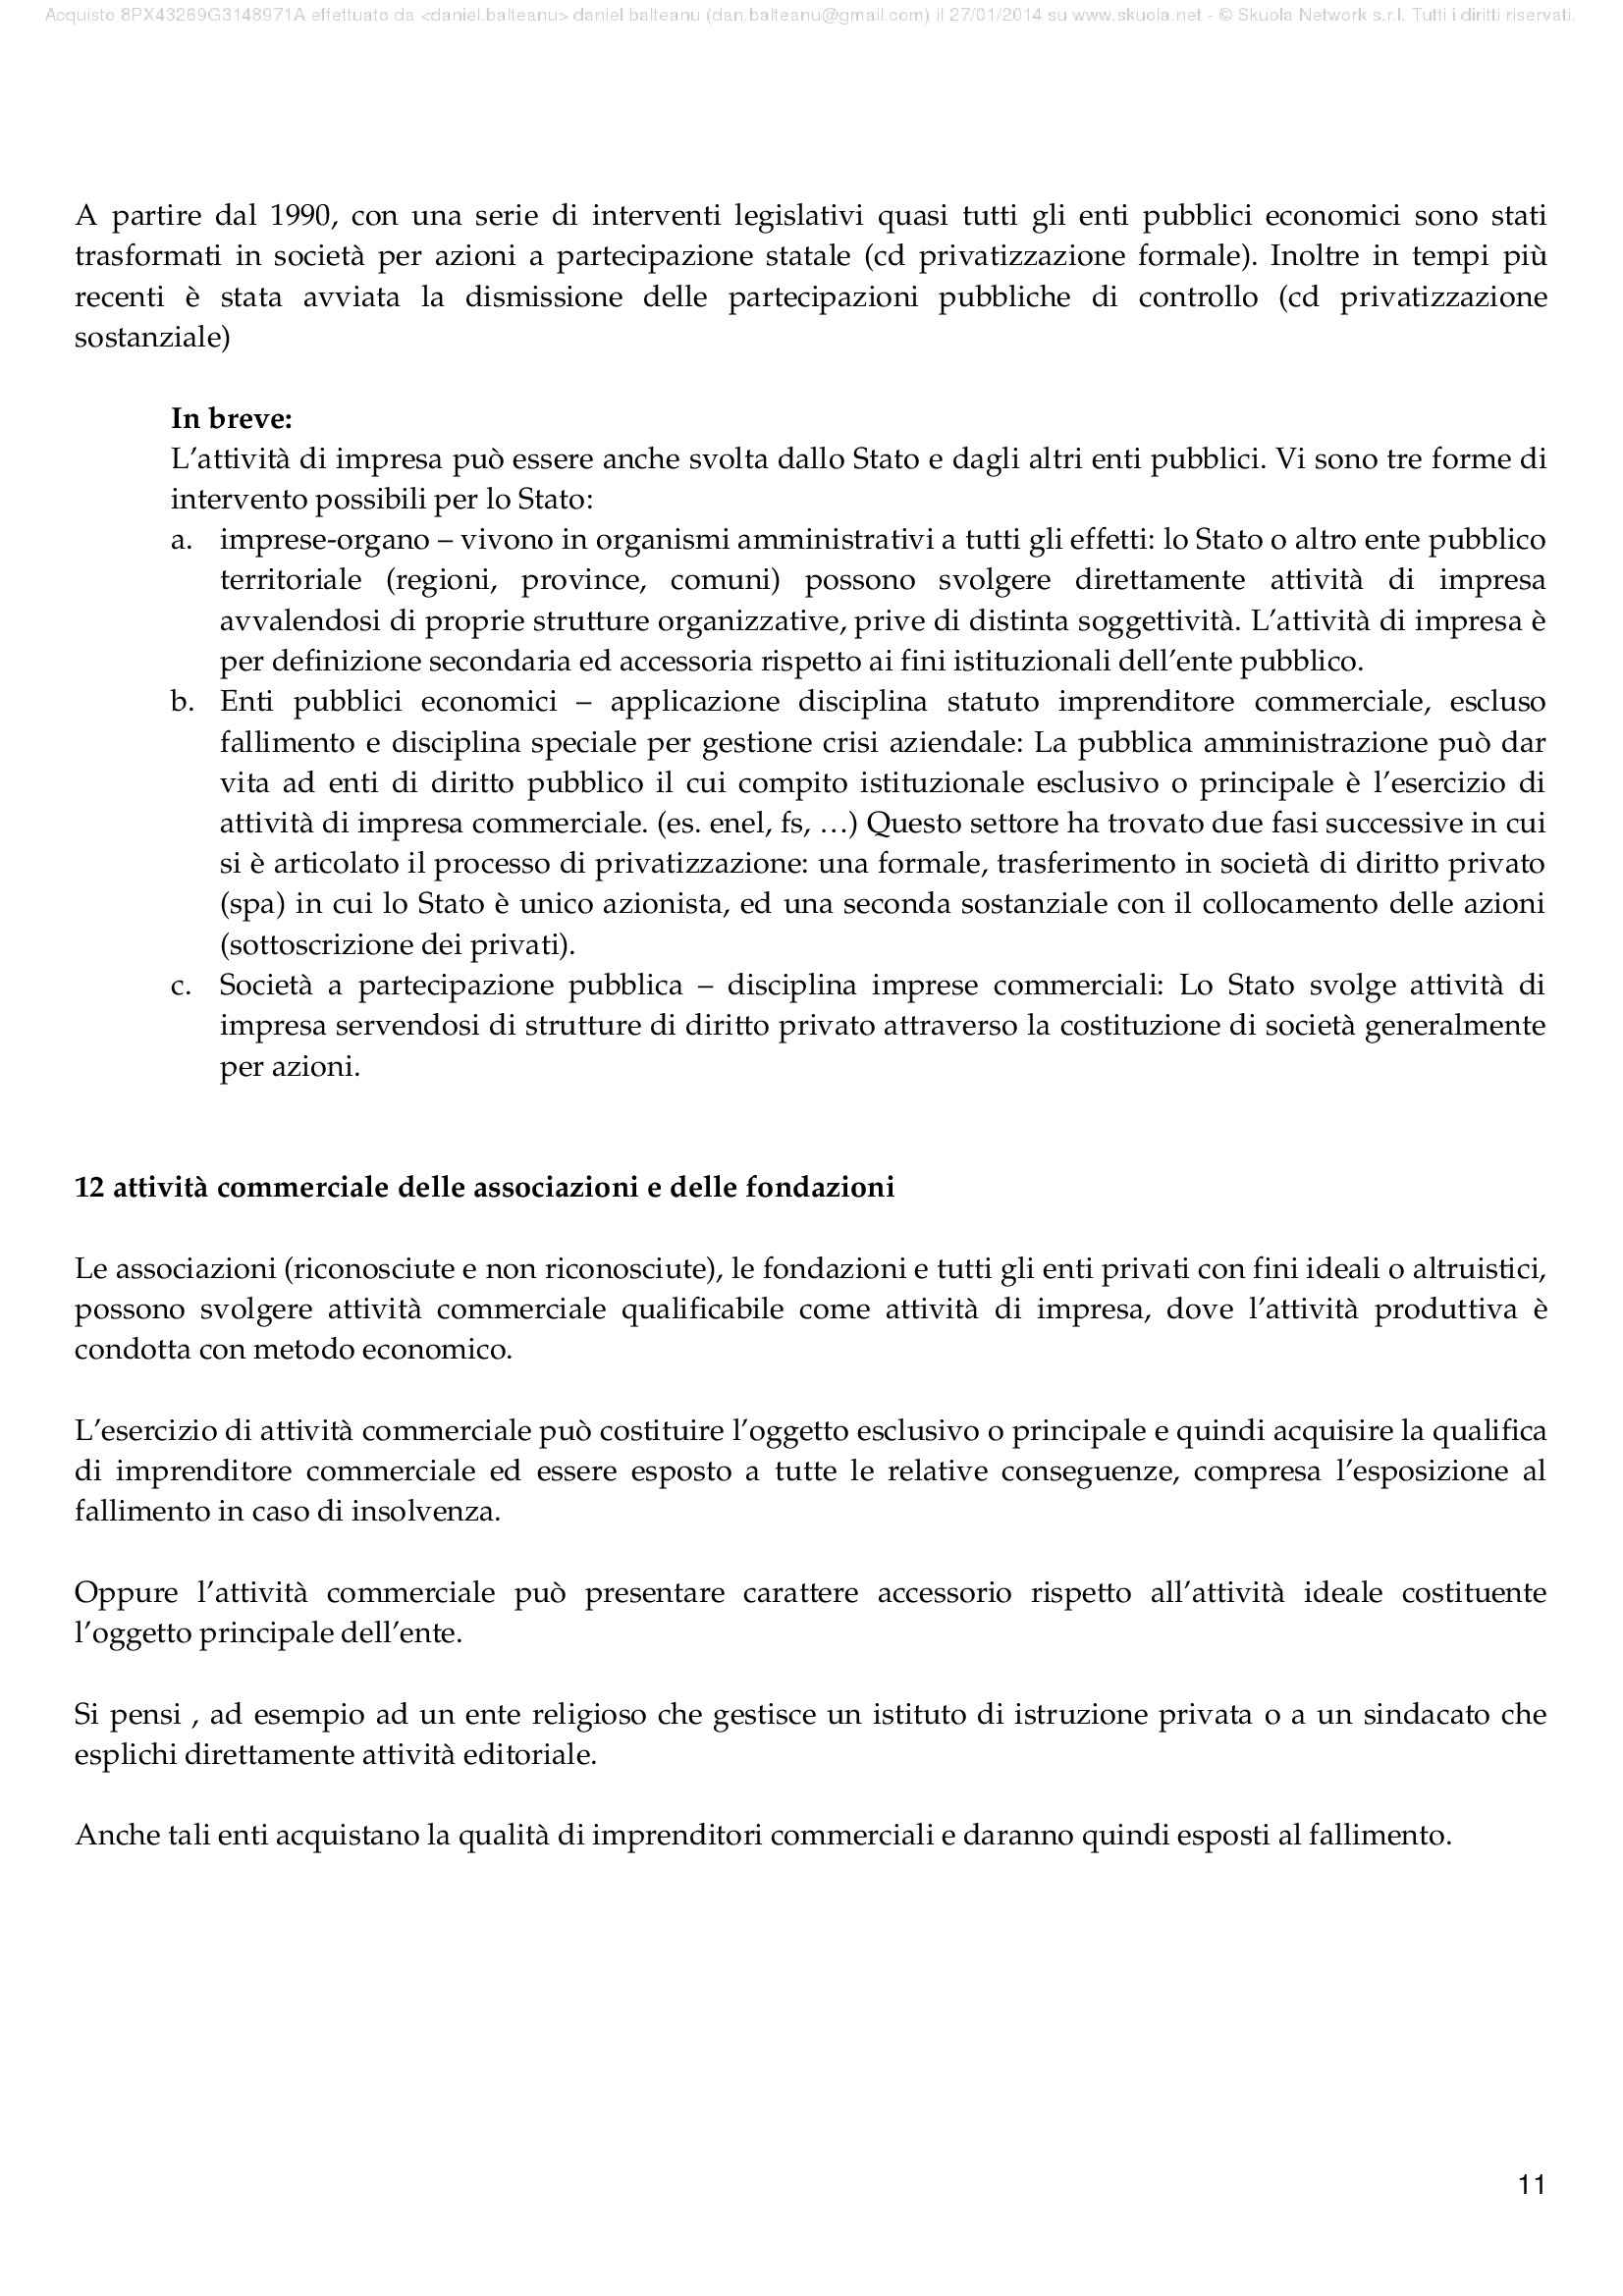 Riassunto esame Diritto commerciale, prof. Restivo, libro consigliato Manuale di Diritto commerciale Vol. 1 e 2, Campobasso Pag. 11